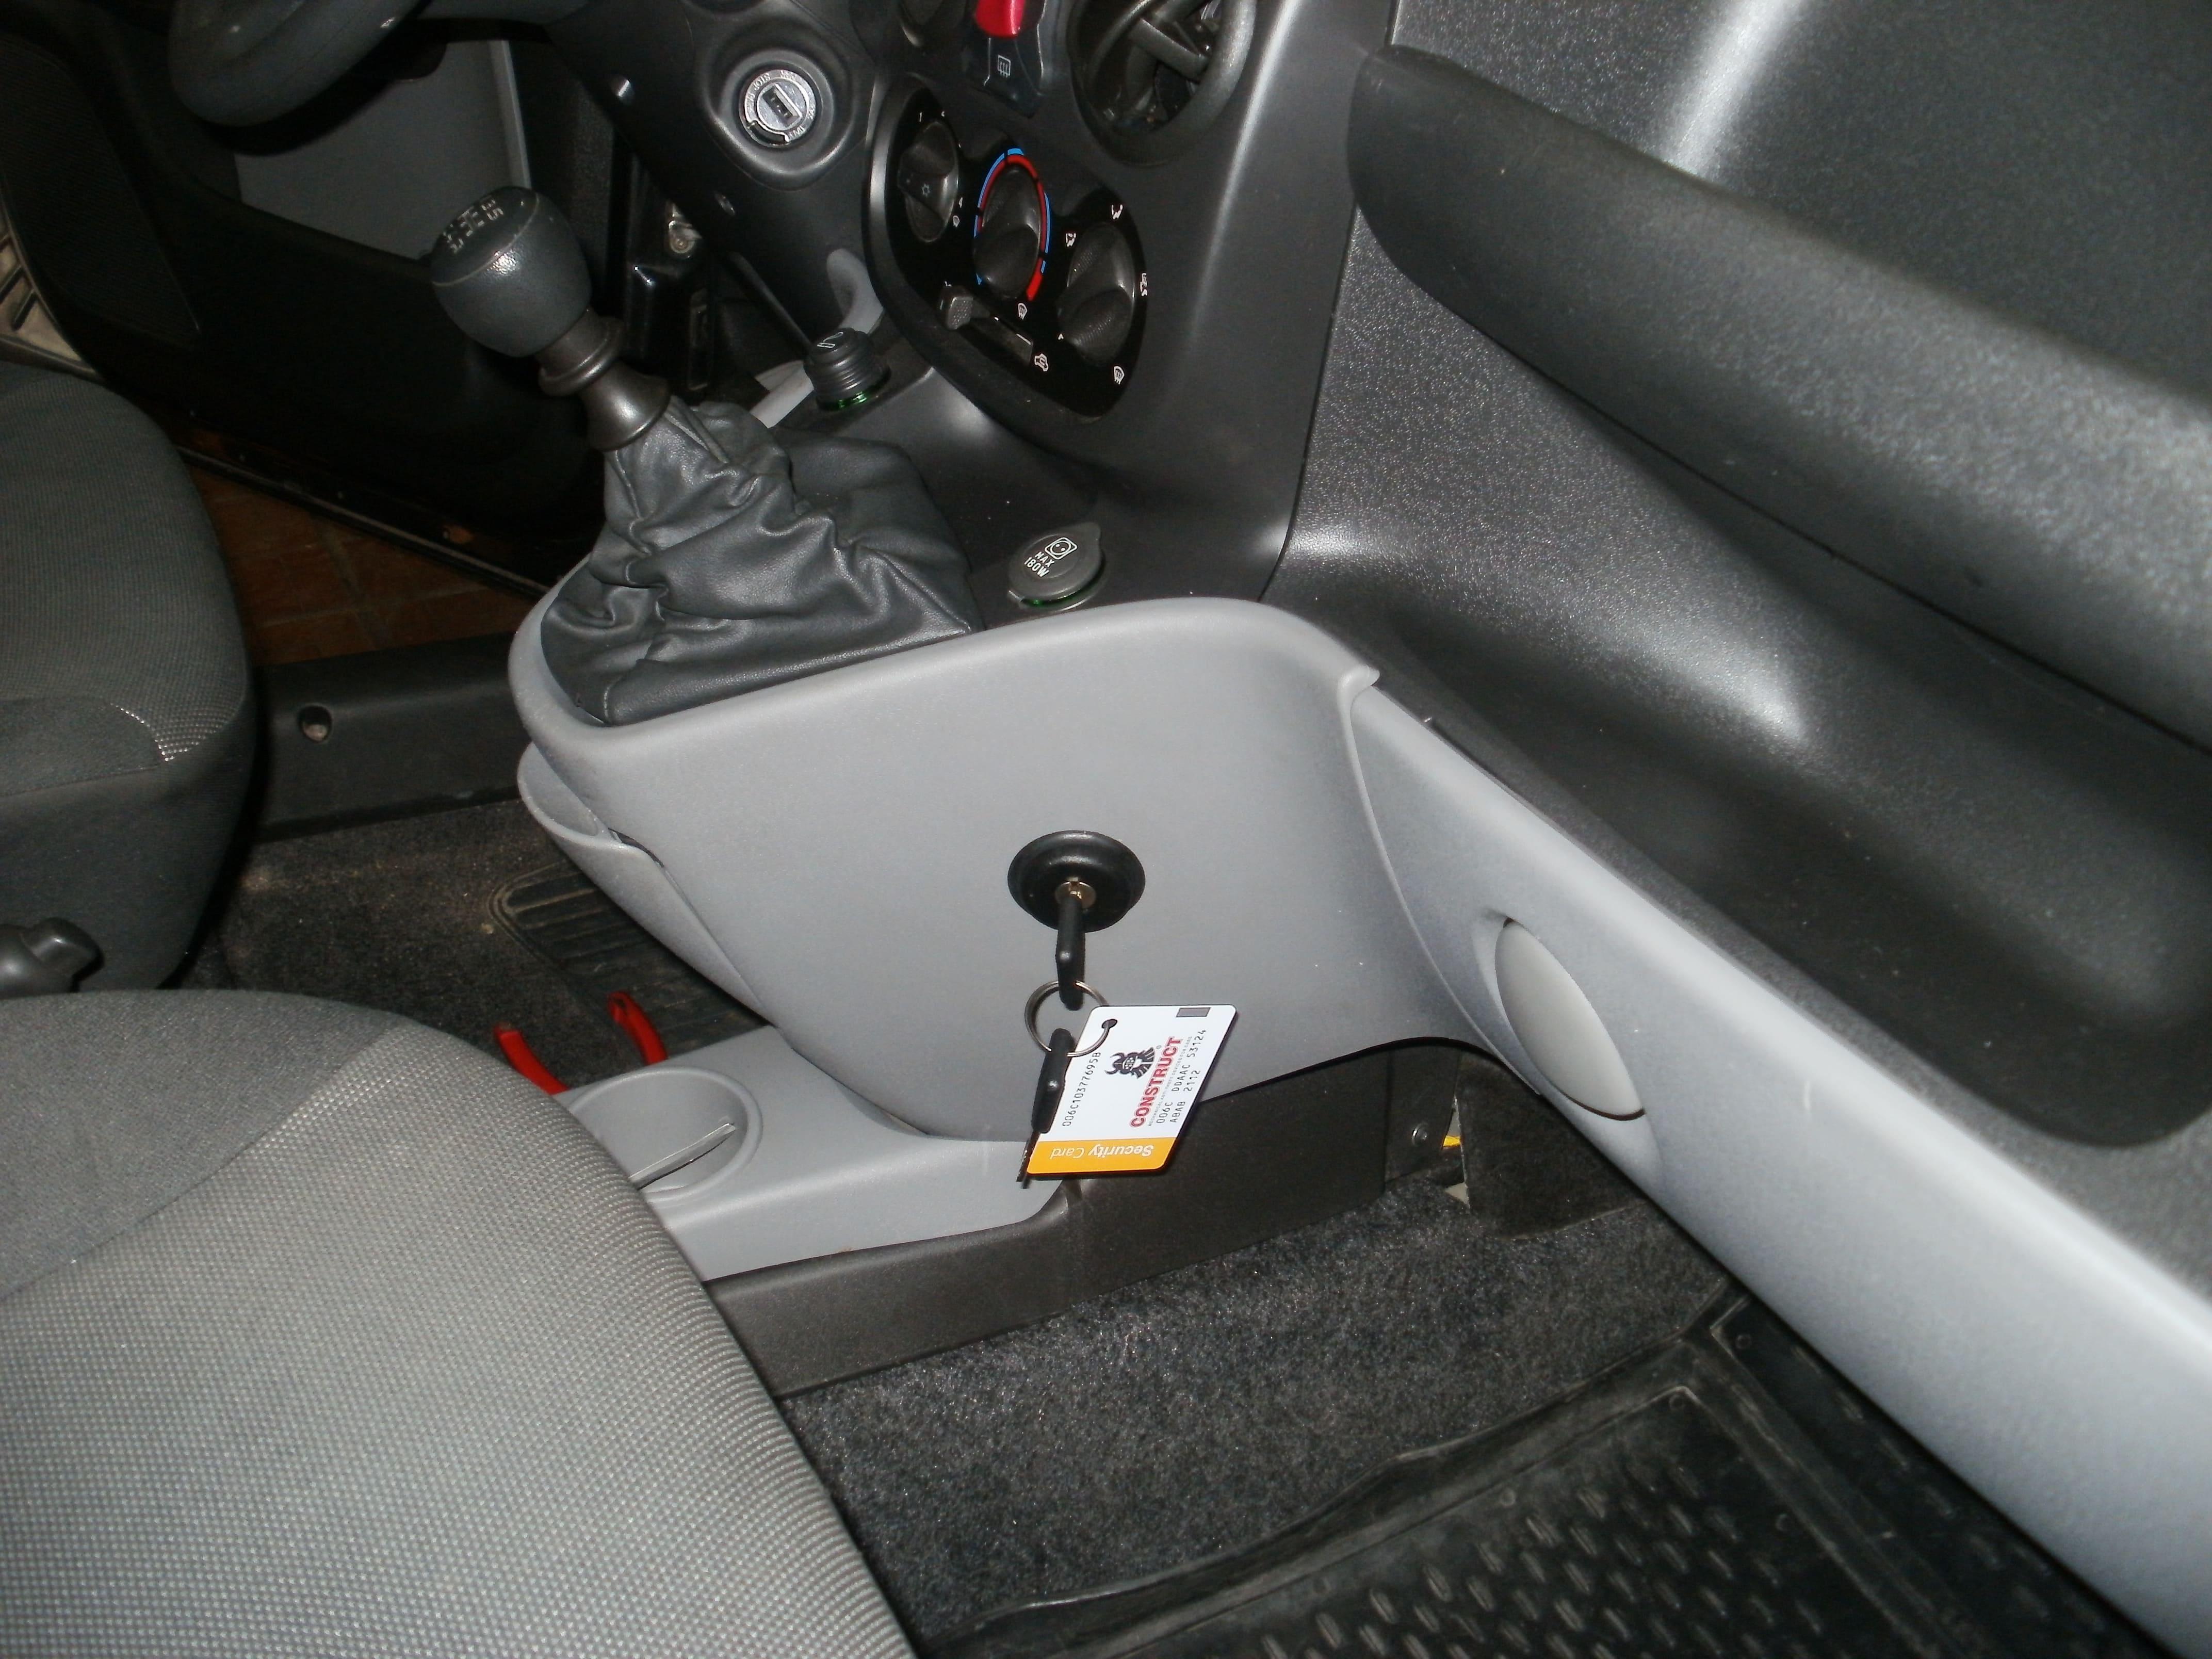 замок кпп констракт на Fiat Doblo